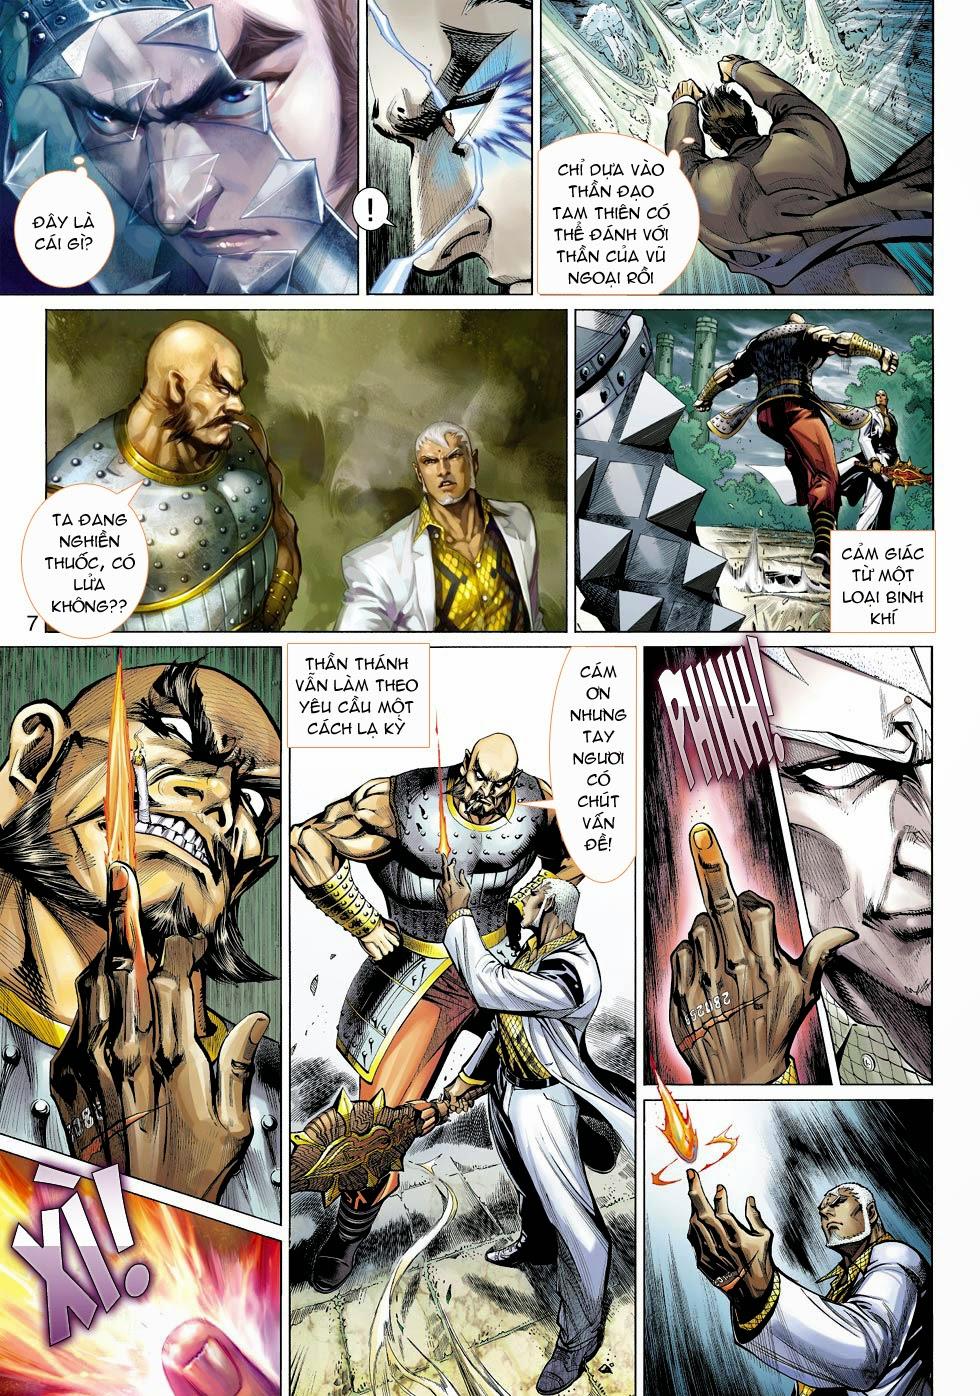 Thần Binh 4 chap 25 - Trang 9